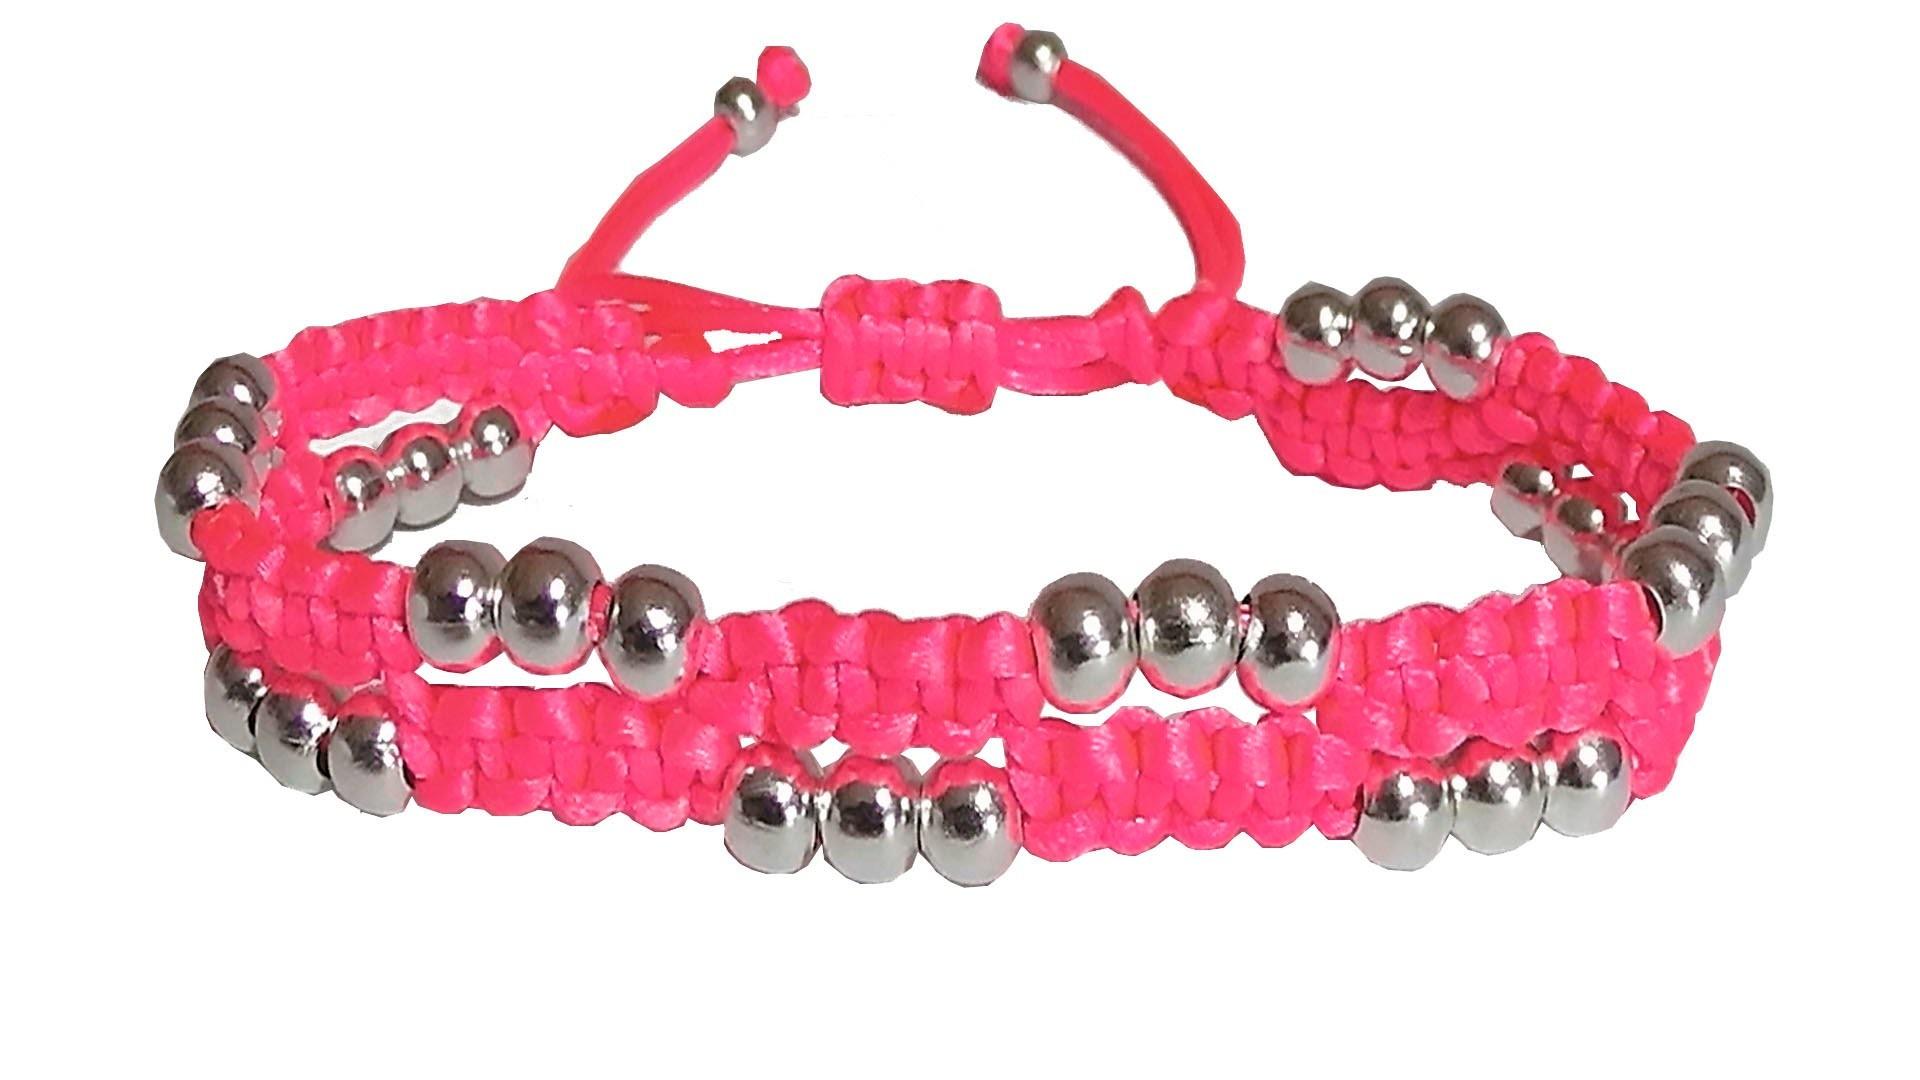 como hacer pulseras de hilo con nudos de macrame y perlas